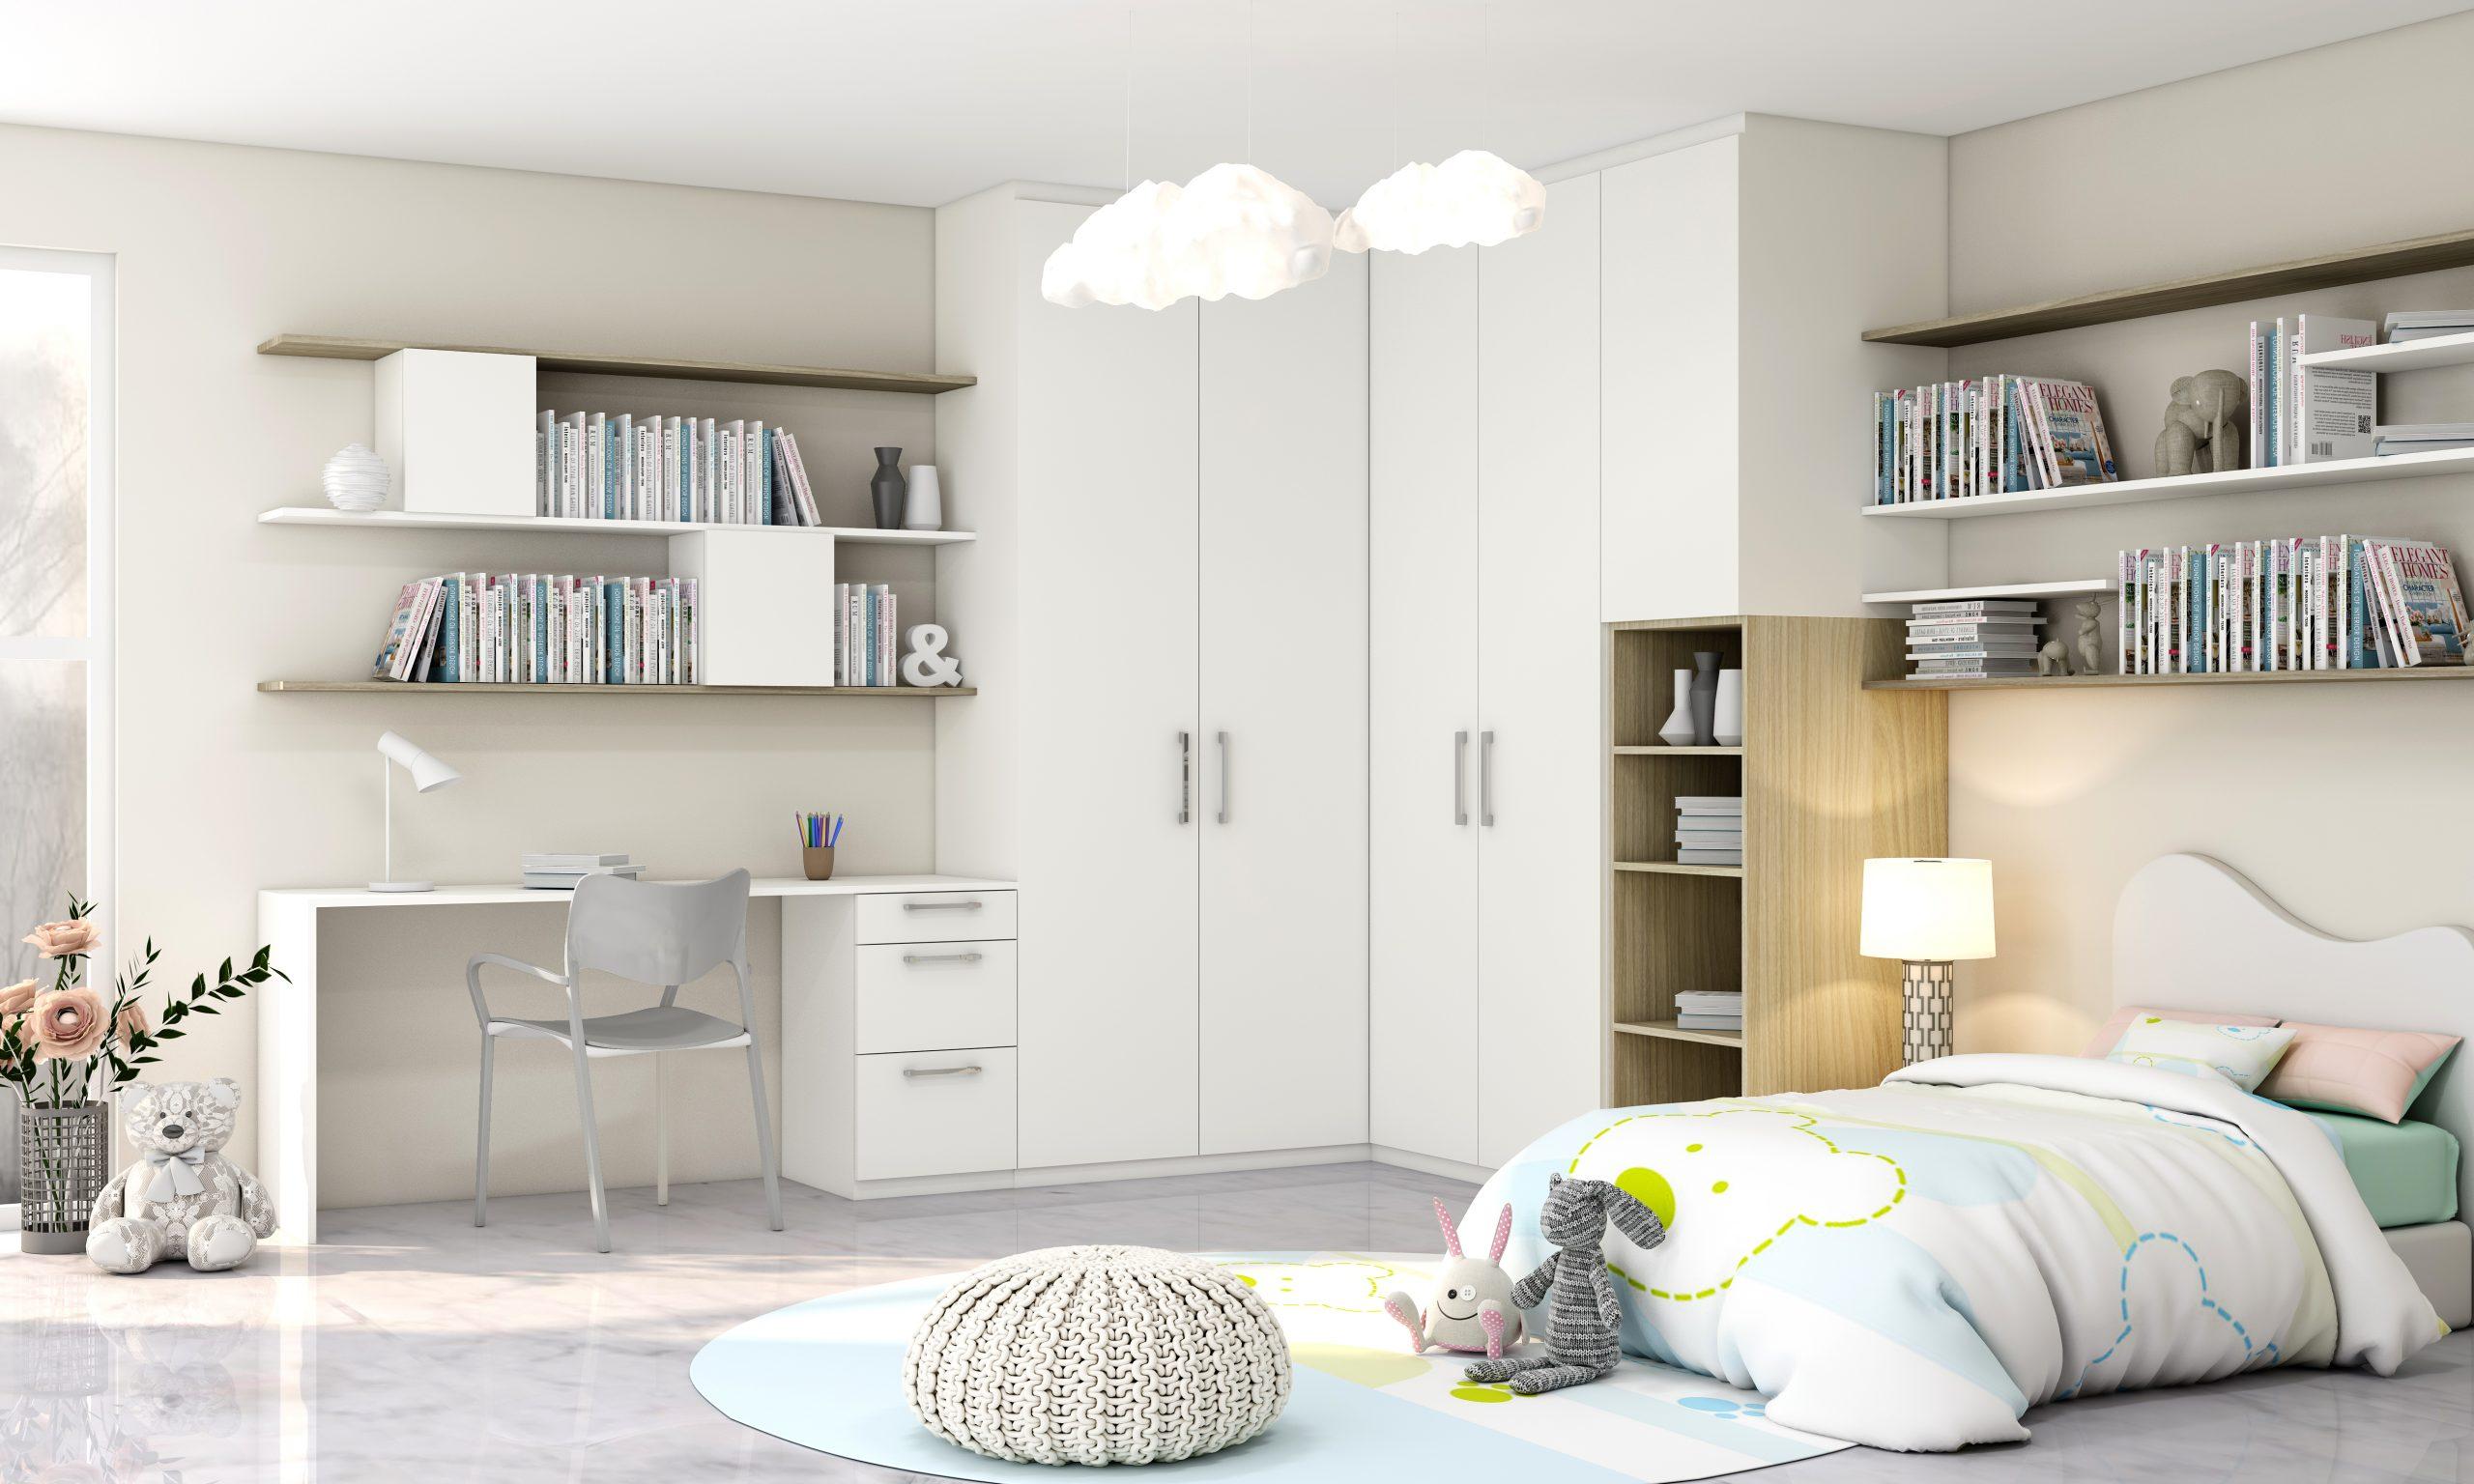 Children Bedroom Hinged Corner Wardrobe With Study in White Matt and Woodgrain Finish